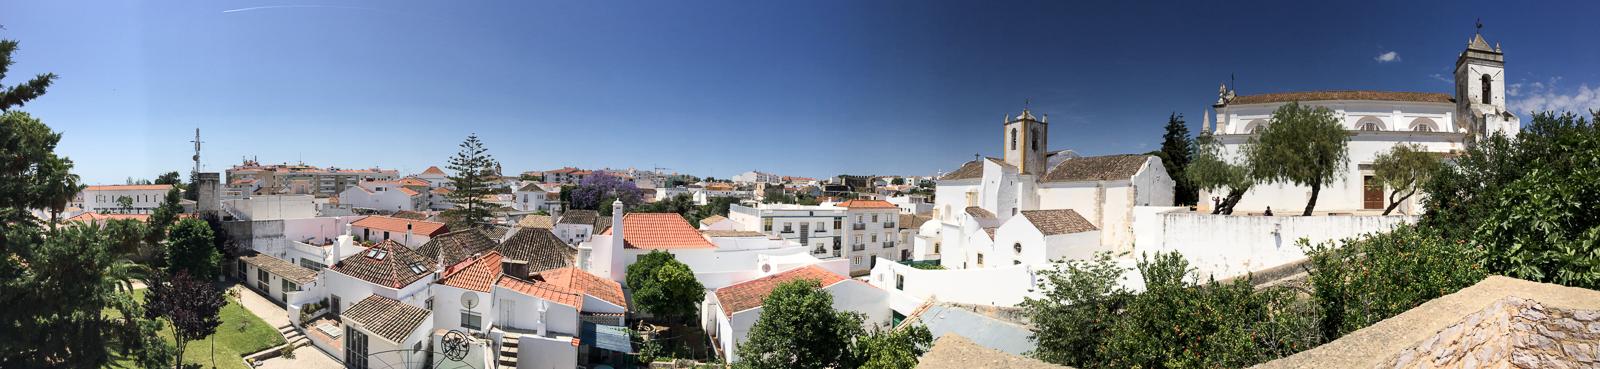 Dag07-Algarve-013-IMG_0991